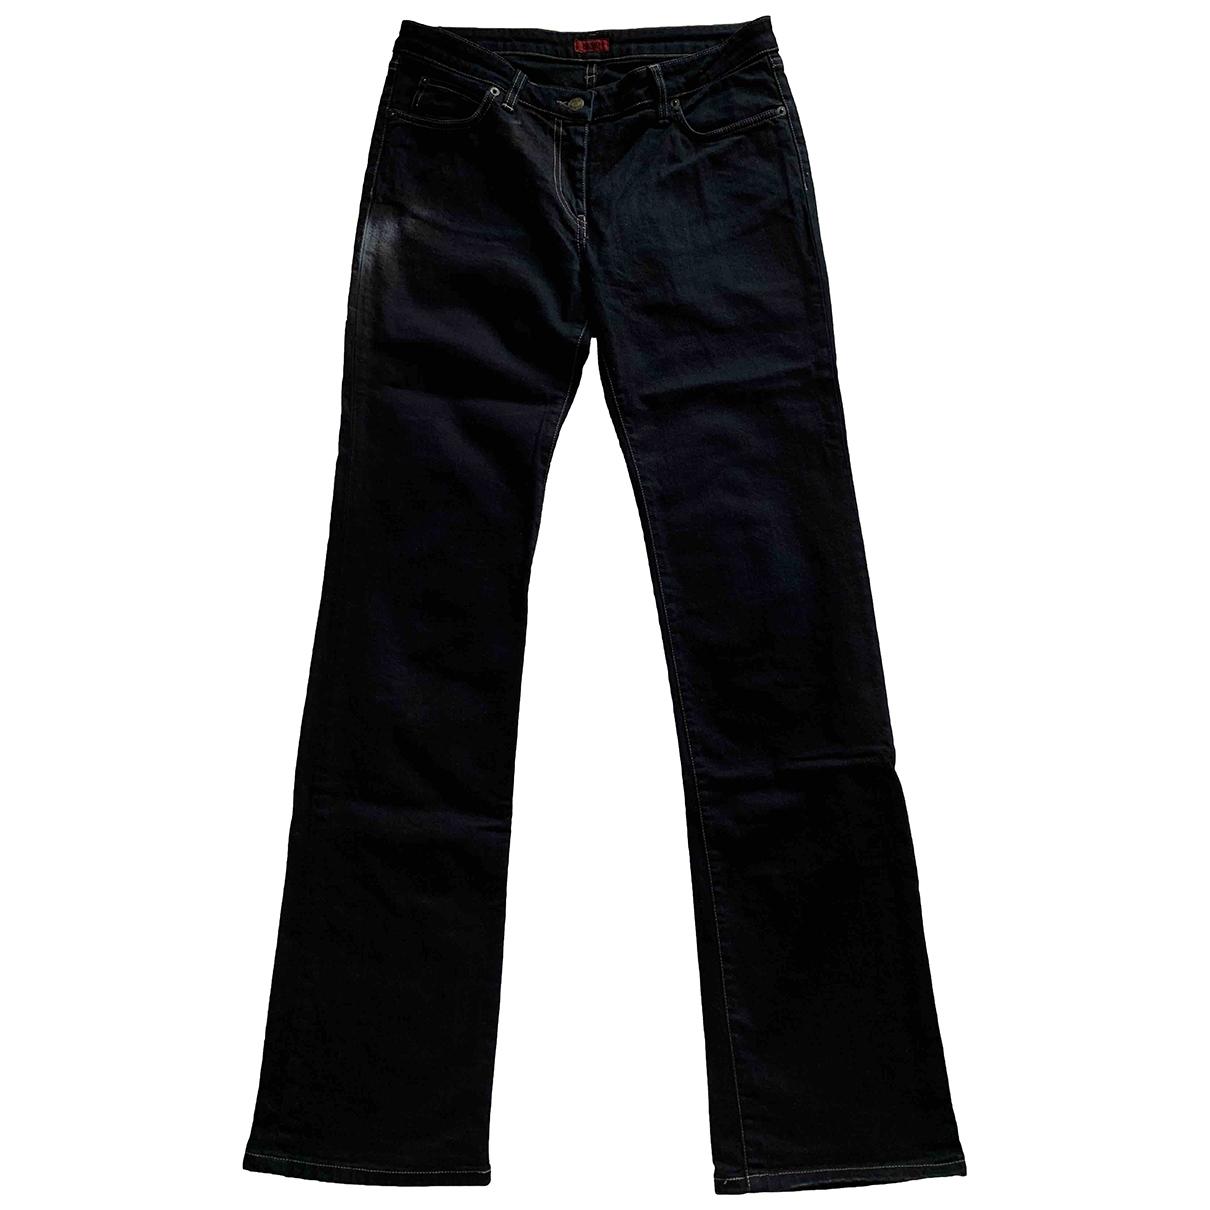 Hugo Boss \N Black Cotton - elasthane Jeans for Women 28 US